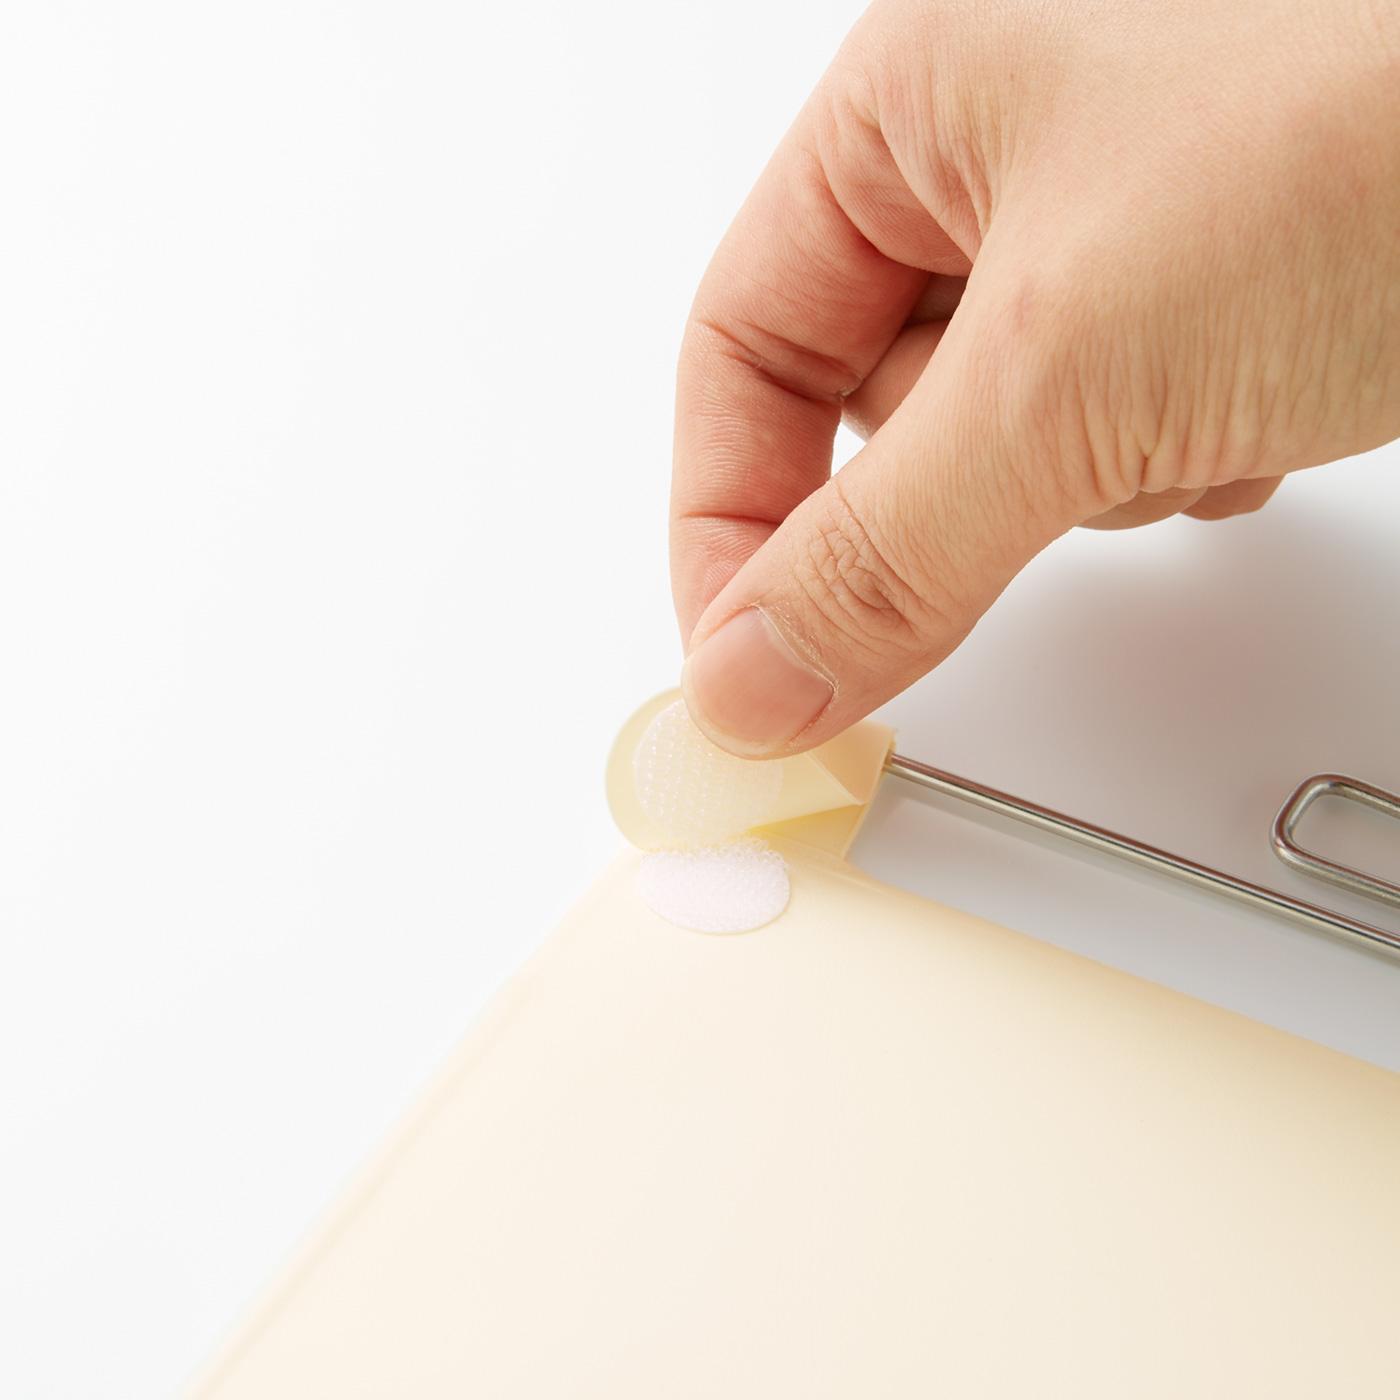 クリップの方向が変えられる面ファスナー仕様で両サイドどちらにでも付けられます。